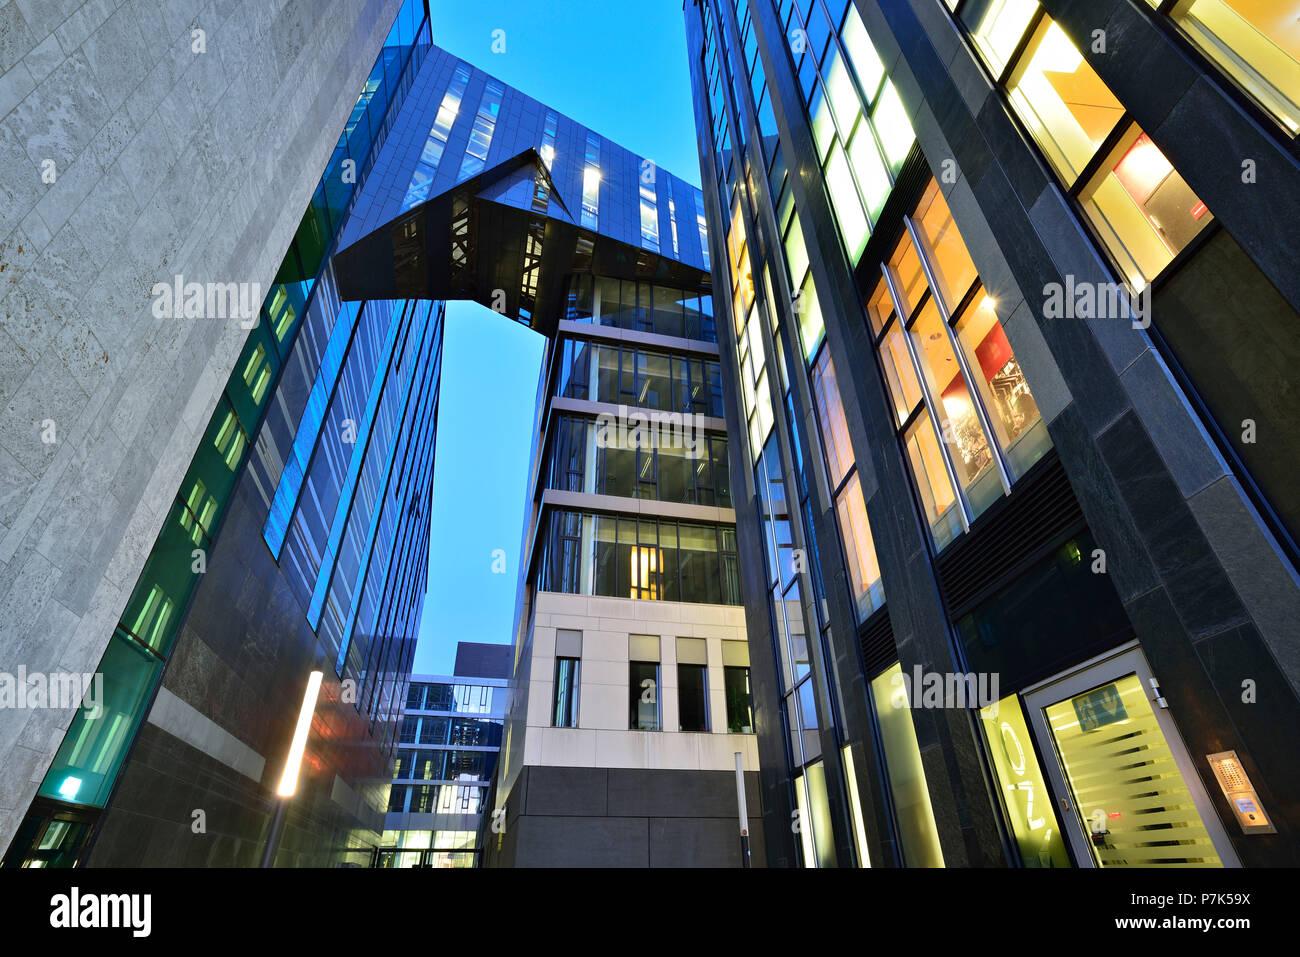 Alemania, en el Estado federado de Sajonia, Leipzig, moderna arquitectura en el campus, la izquierda, el anochecer Paulinum Foto de stock